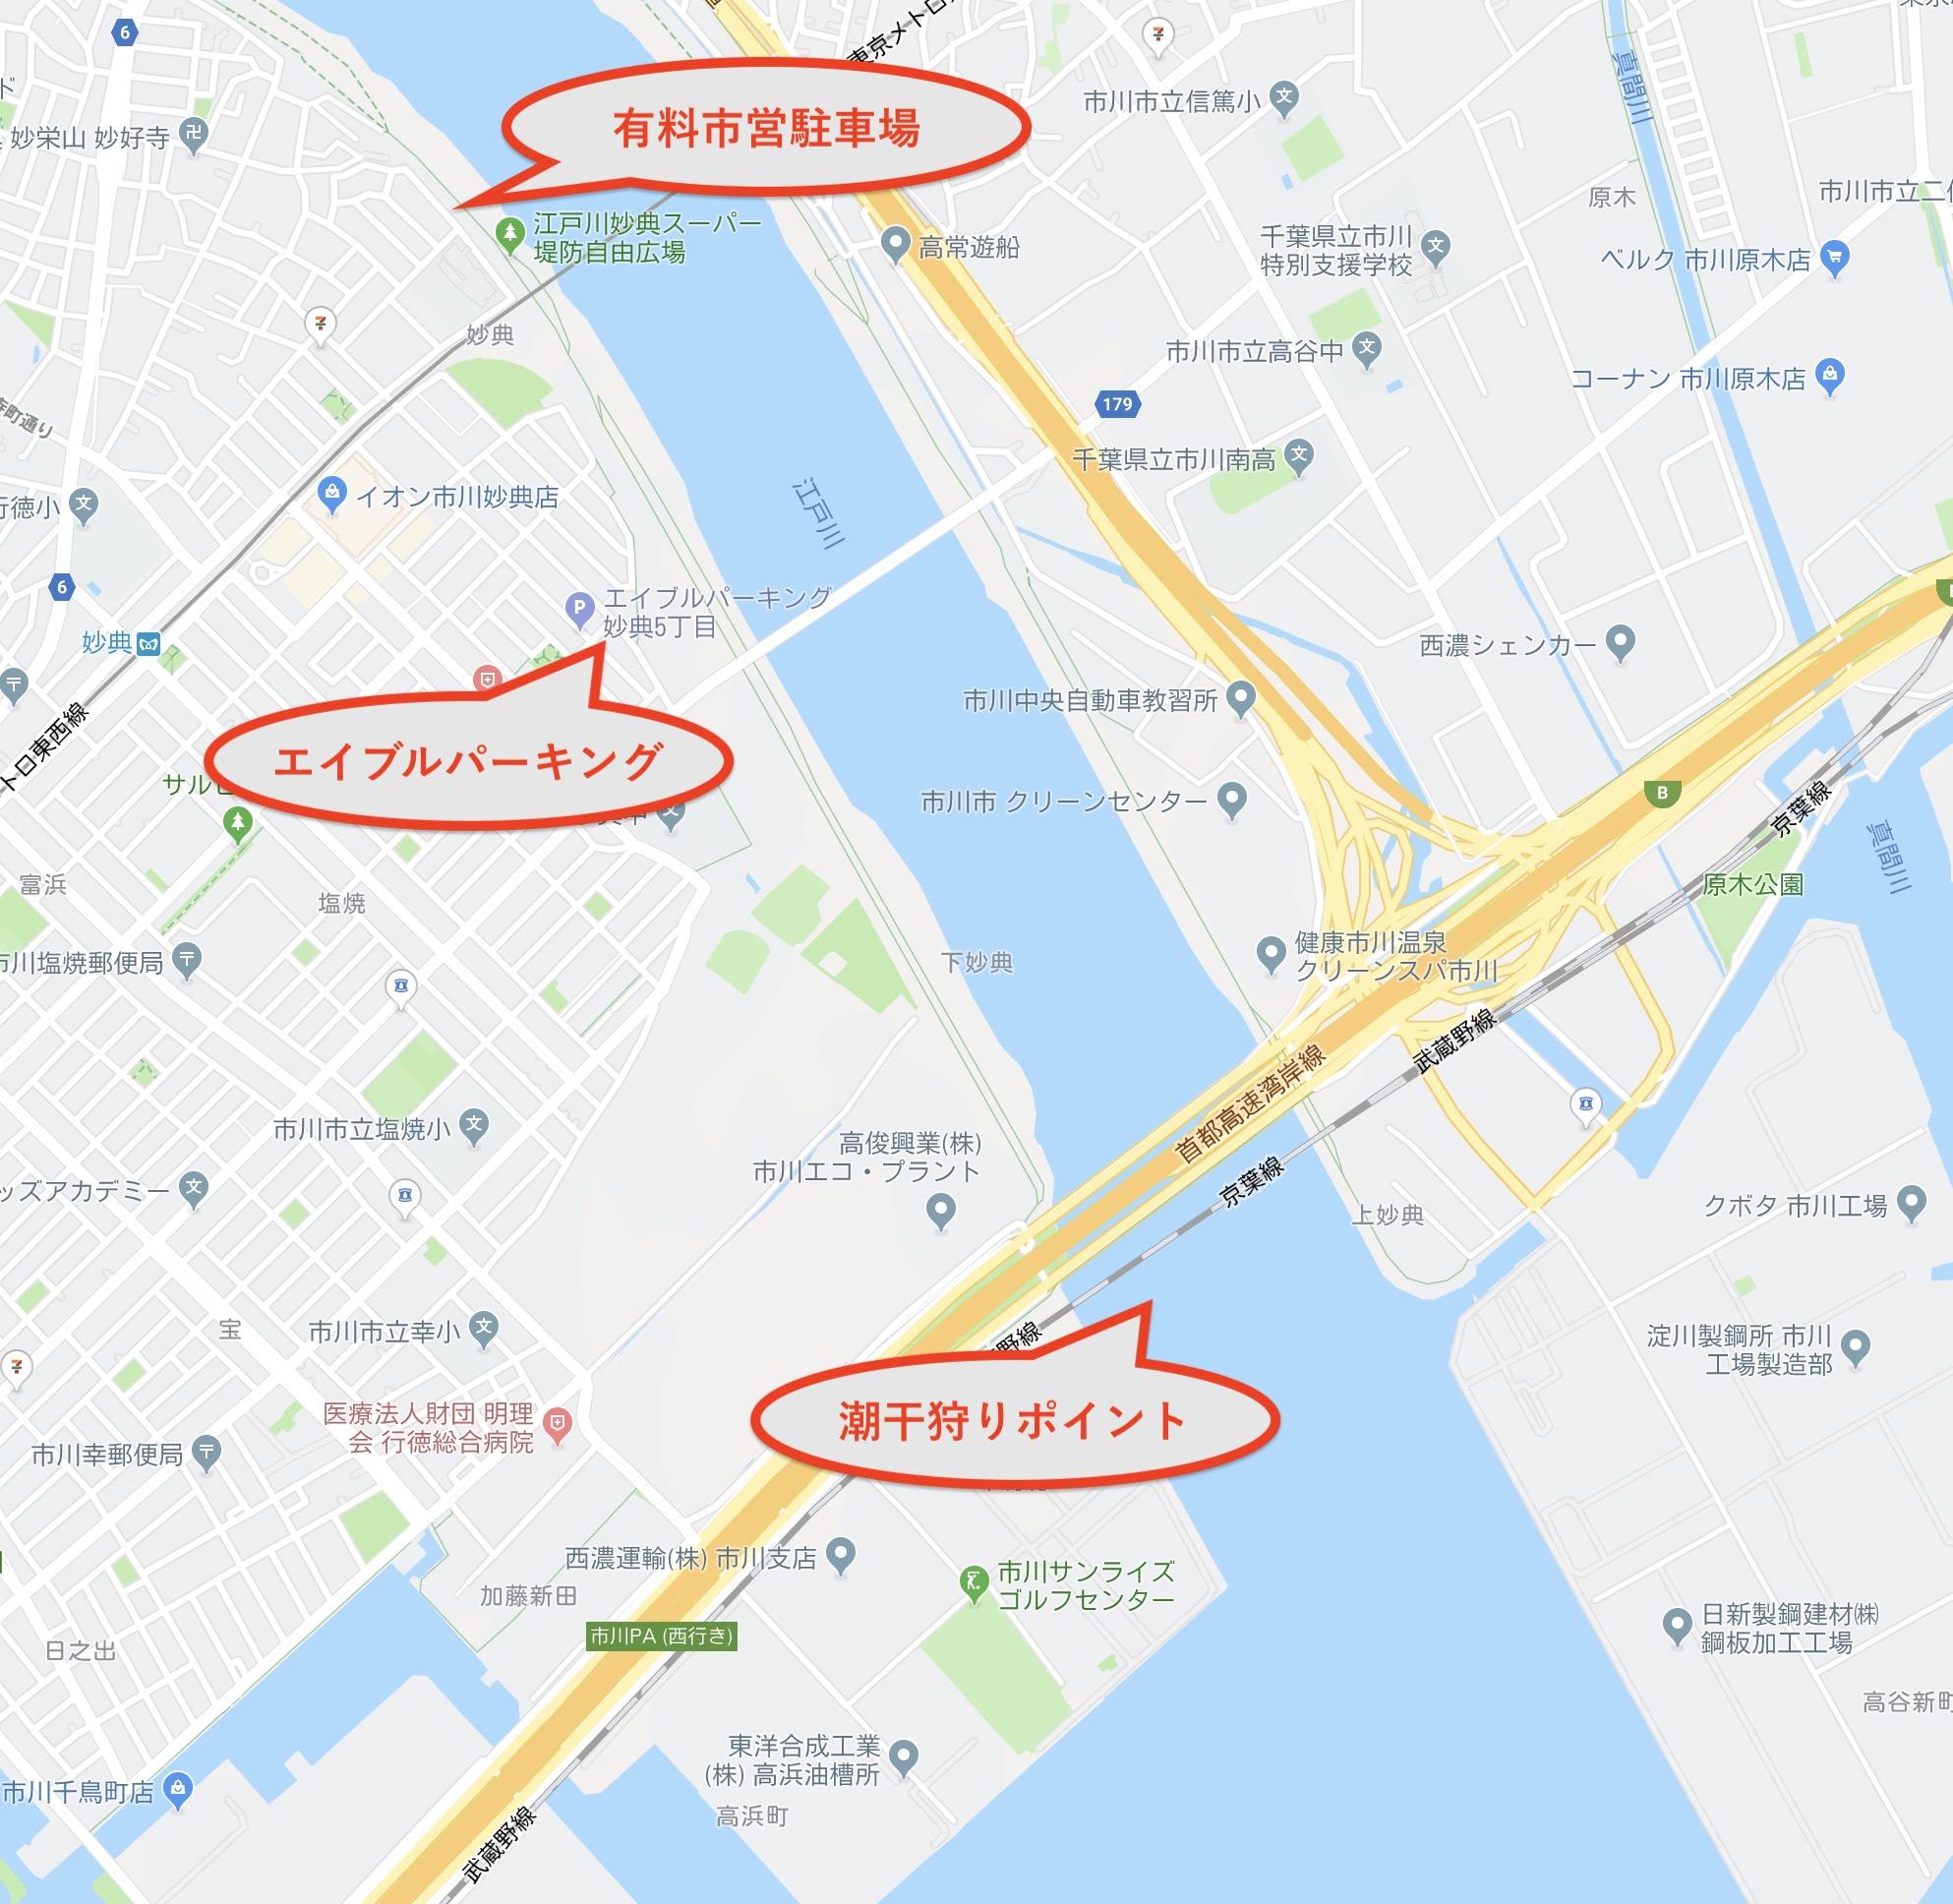 ハゼ 2019 放 水路 江戸川